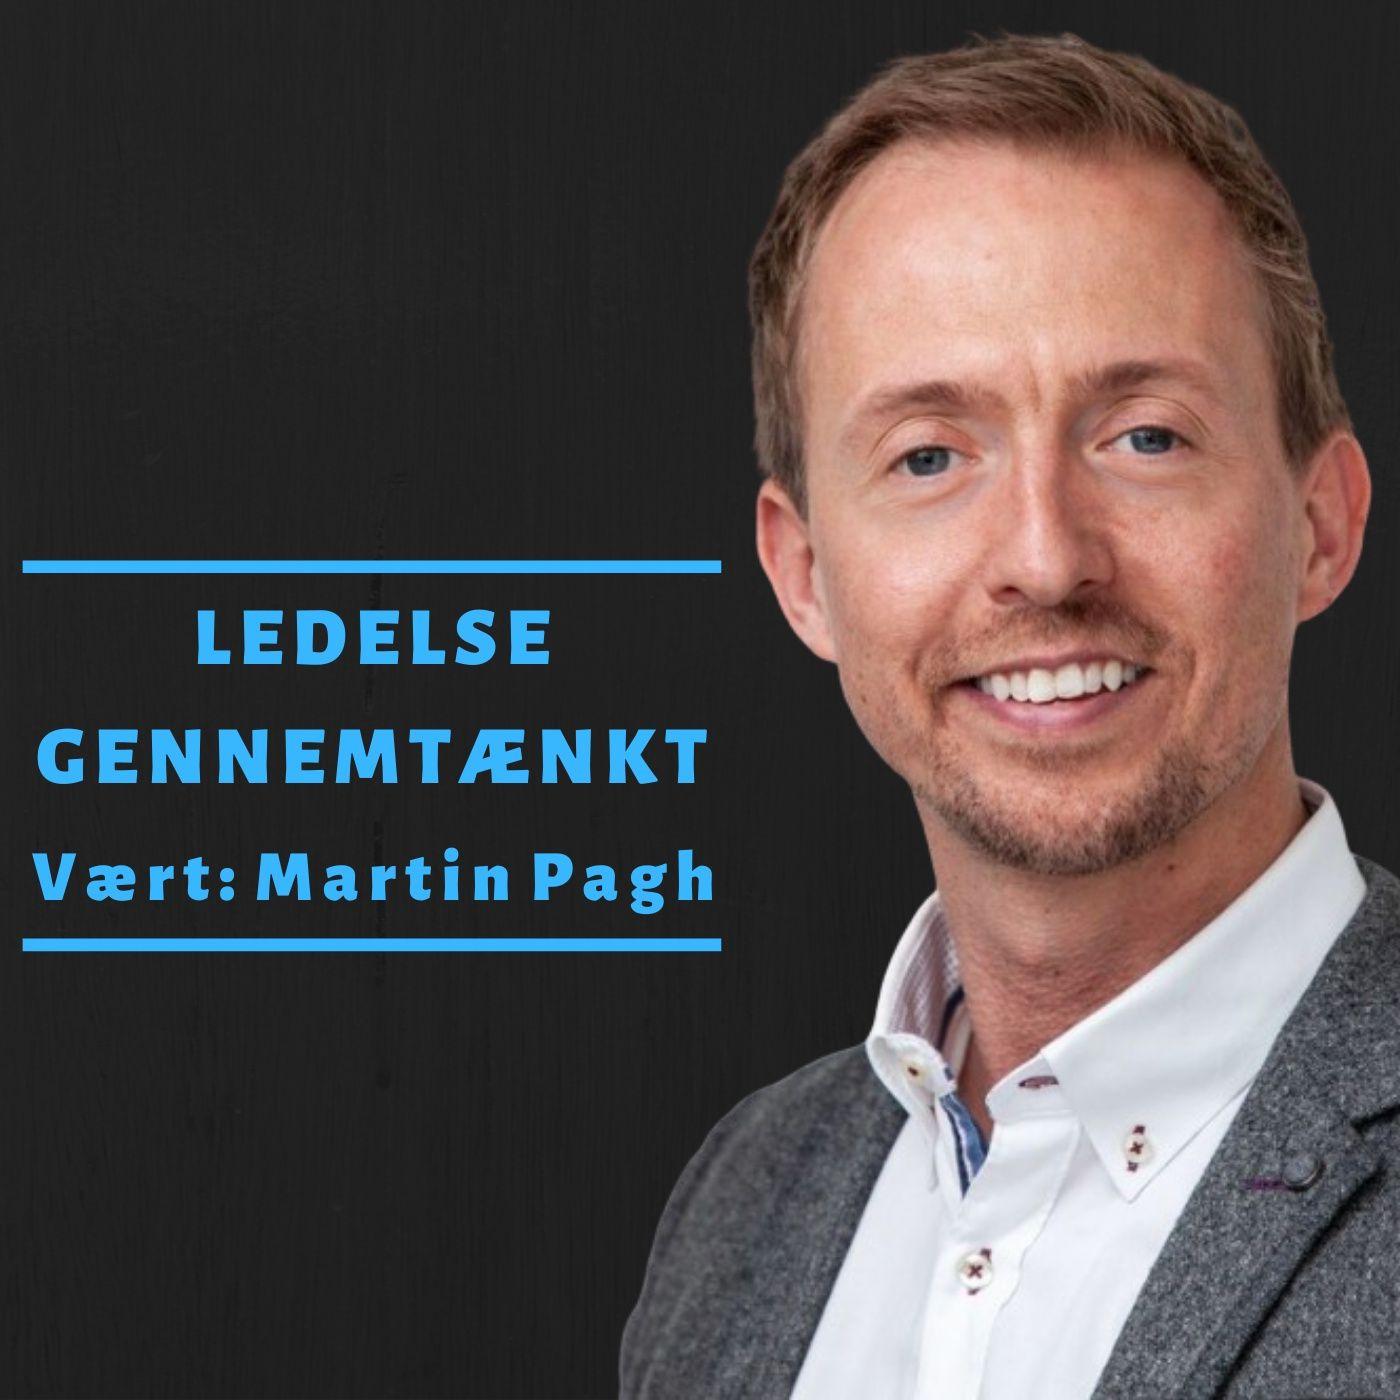 Ep. 40 - Fatale forandringer og hvordan du håndterer dem bedst .. med Christian Ørsted